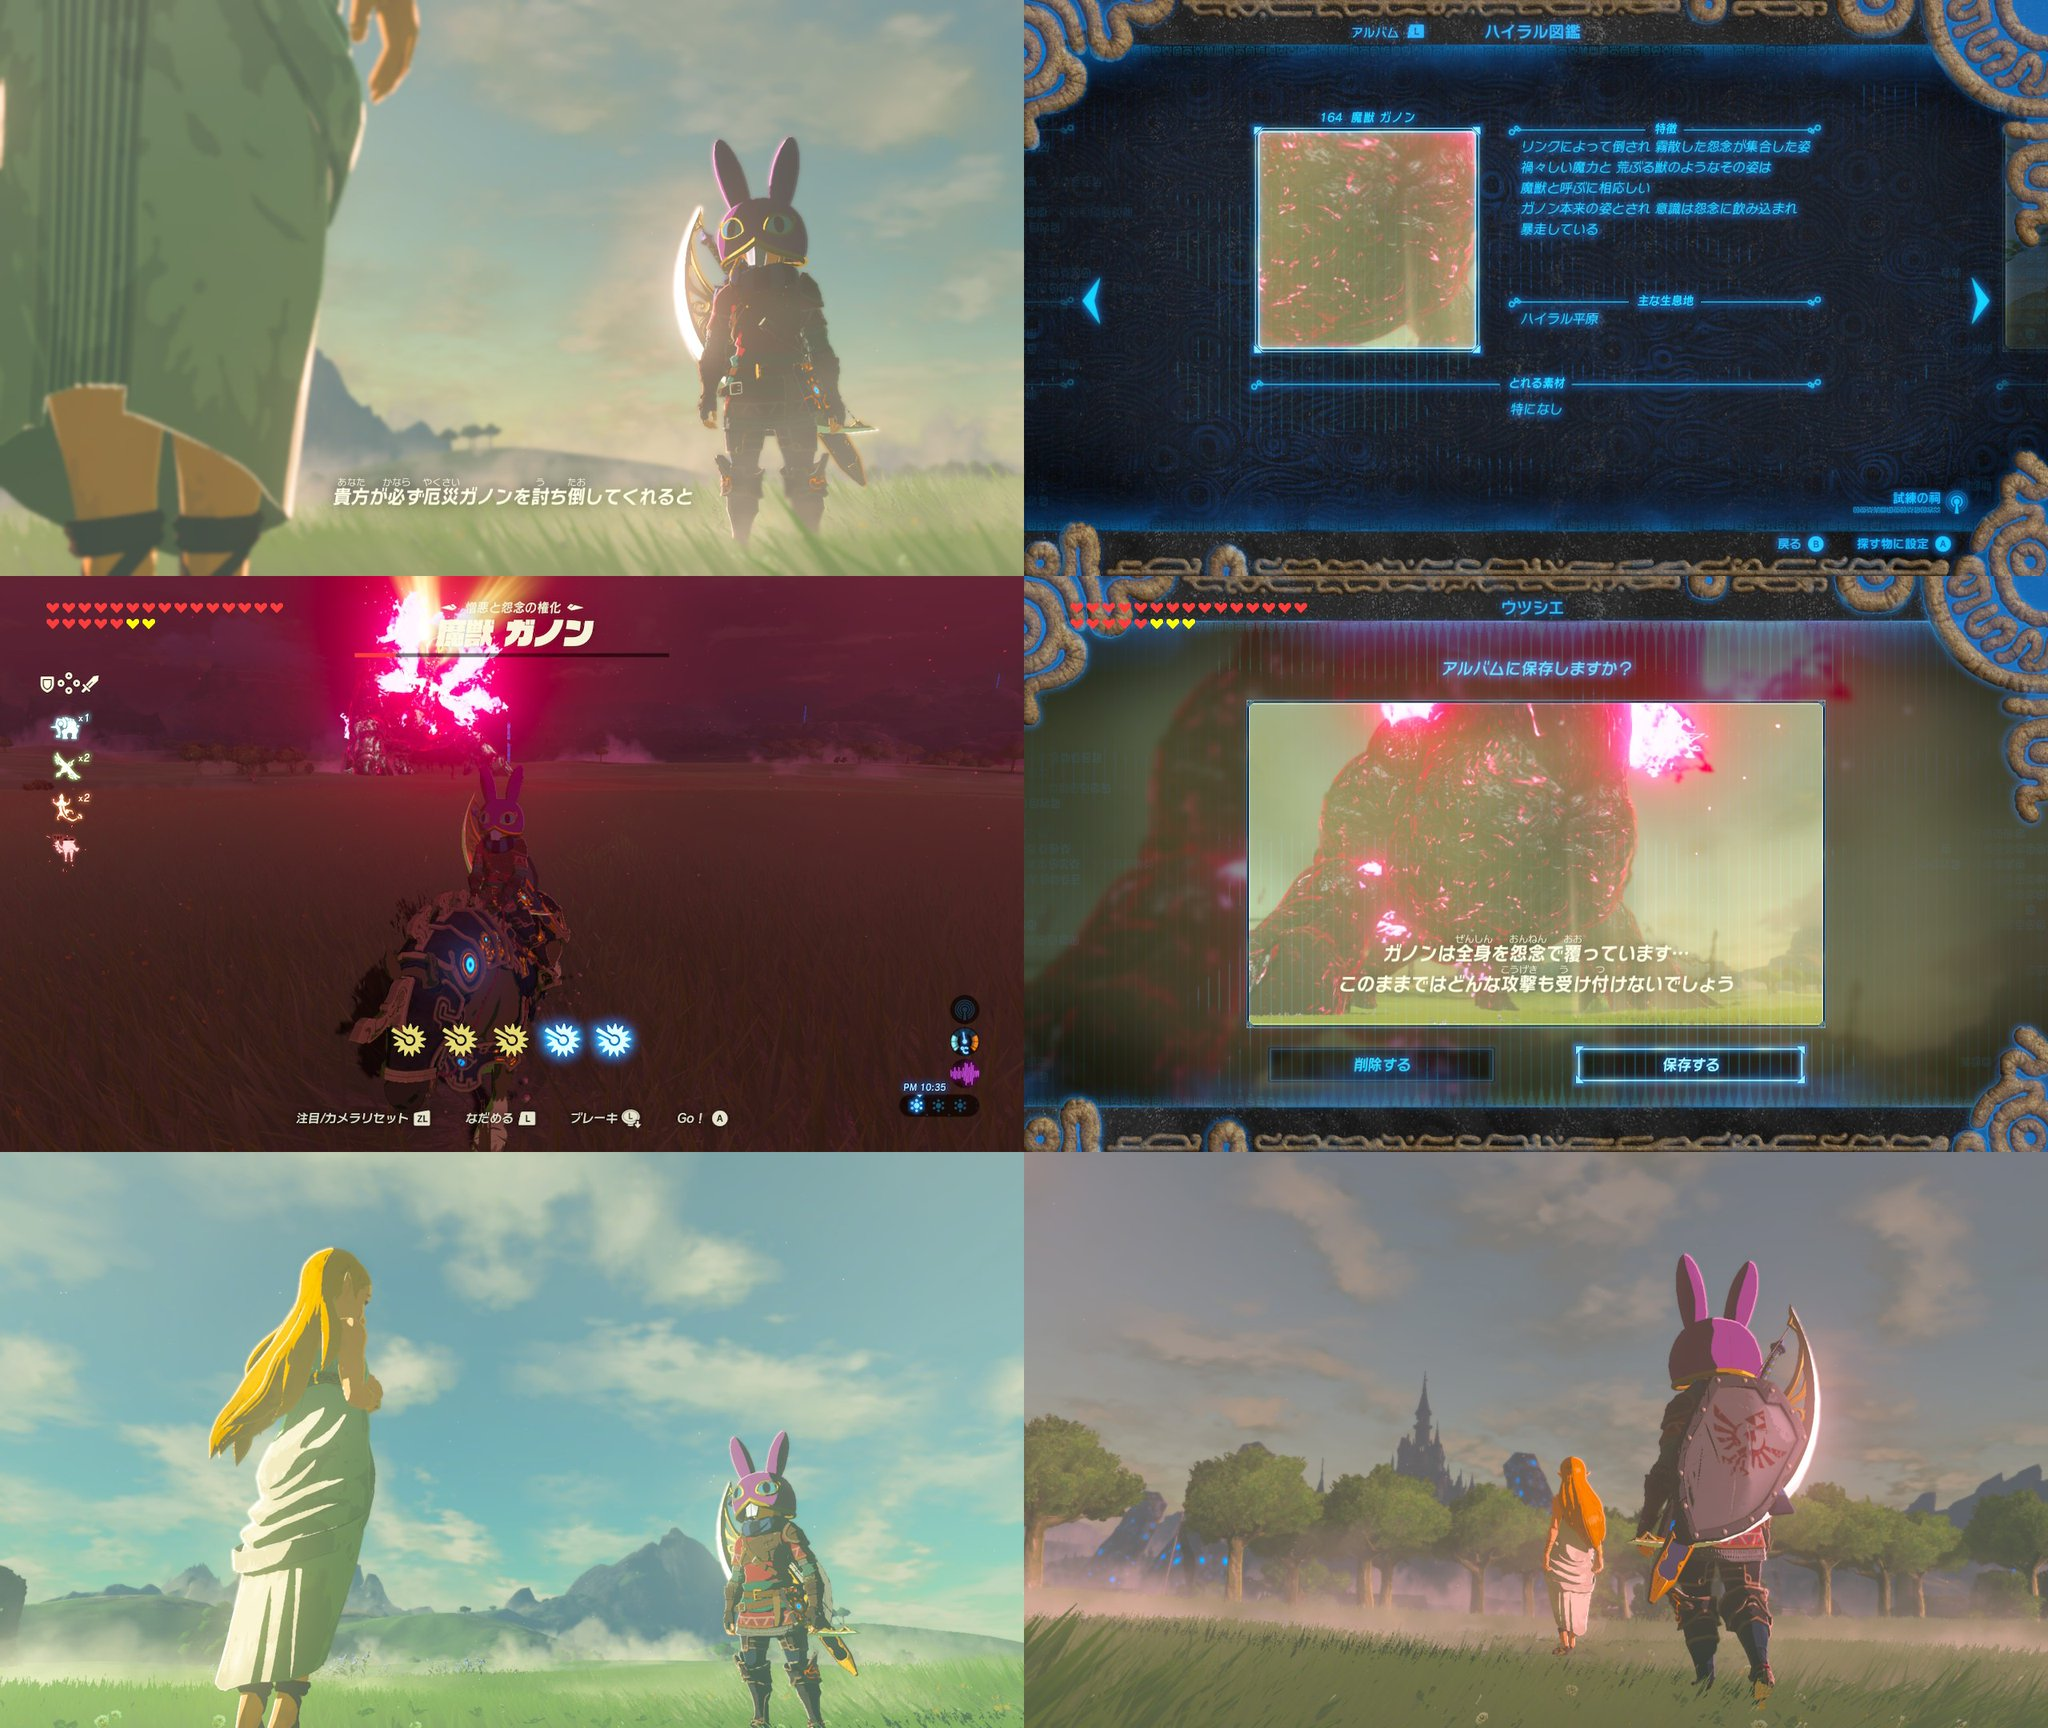 ガノンを倒すの2回目。今度こそ真のエンディングを見れた・・・と思うけど途中でスキップしてしまったからよくわからない。魔獣ガノンをウツシエで撮ったのでクリア後にもハイラル図鑑で確認できる。2回クリアしてもセーブデータの星は1つのまま。 #ゼルダの伝説 #BreathoftheWild #NintendoSwitch https://t.co/WeNrHBpTOs